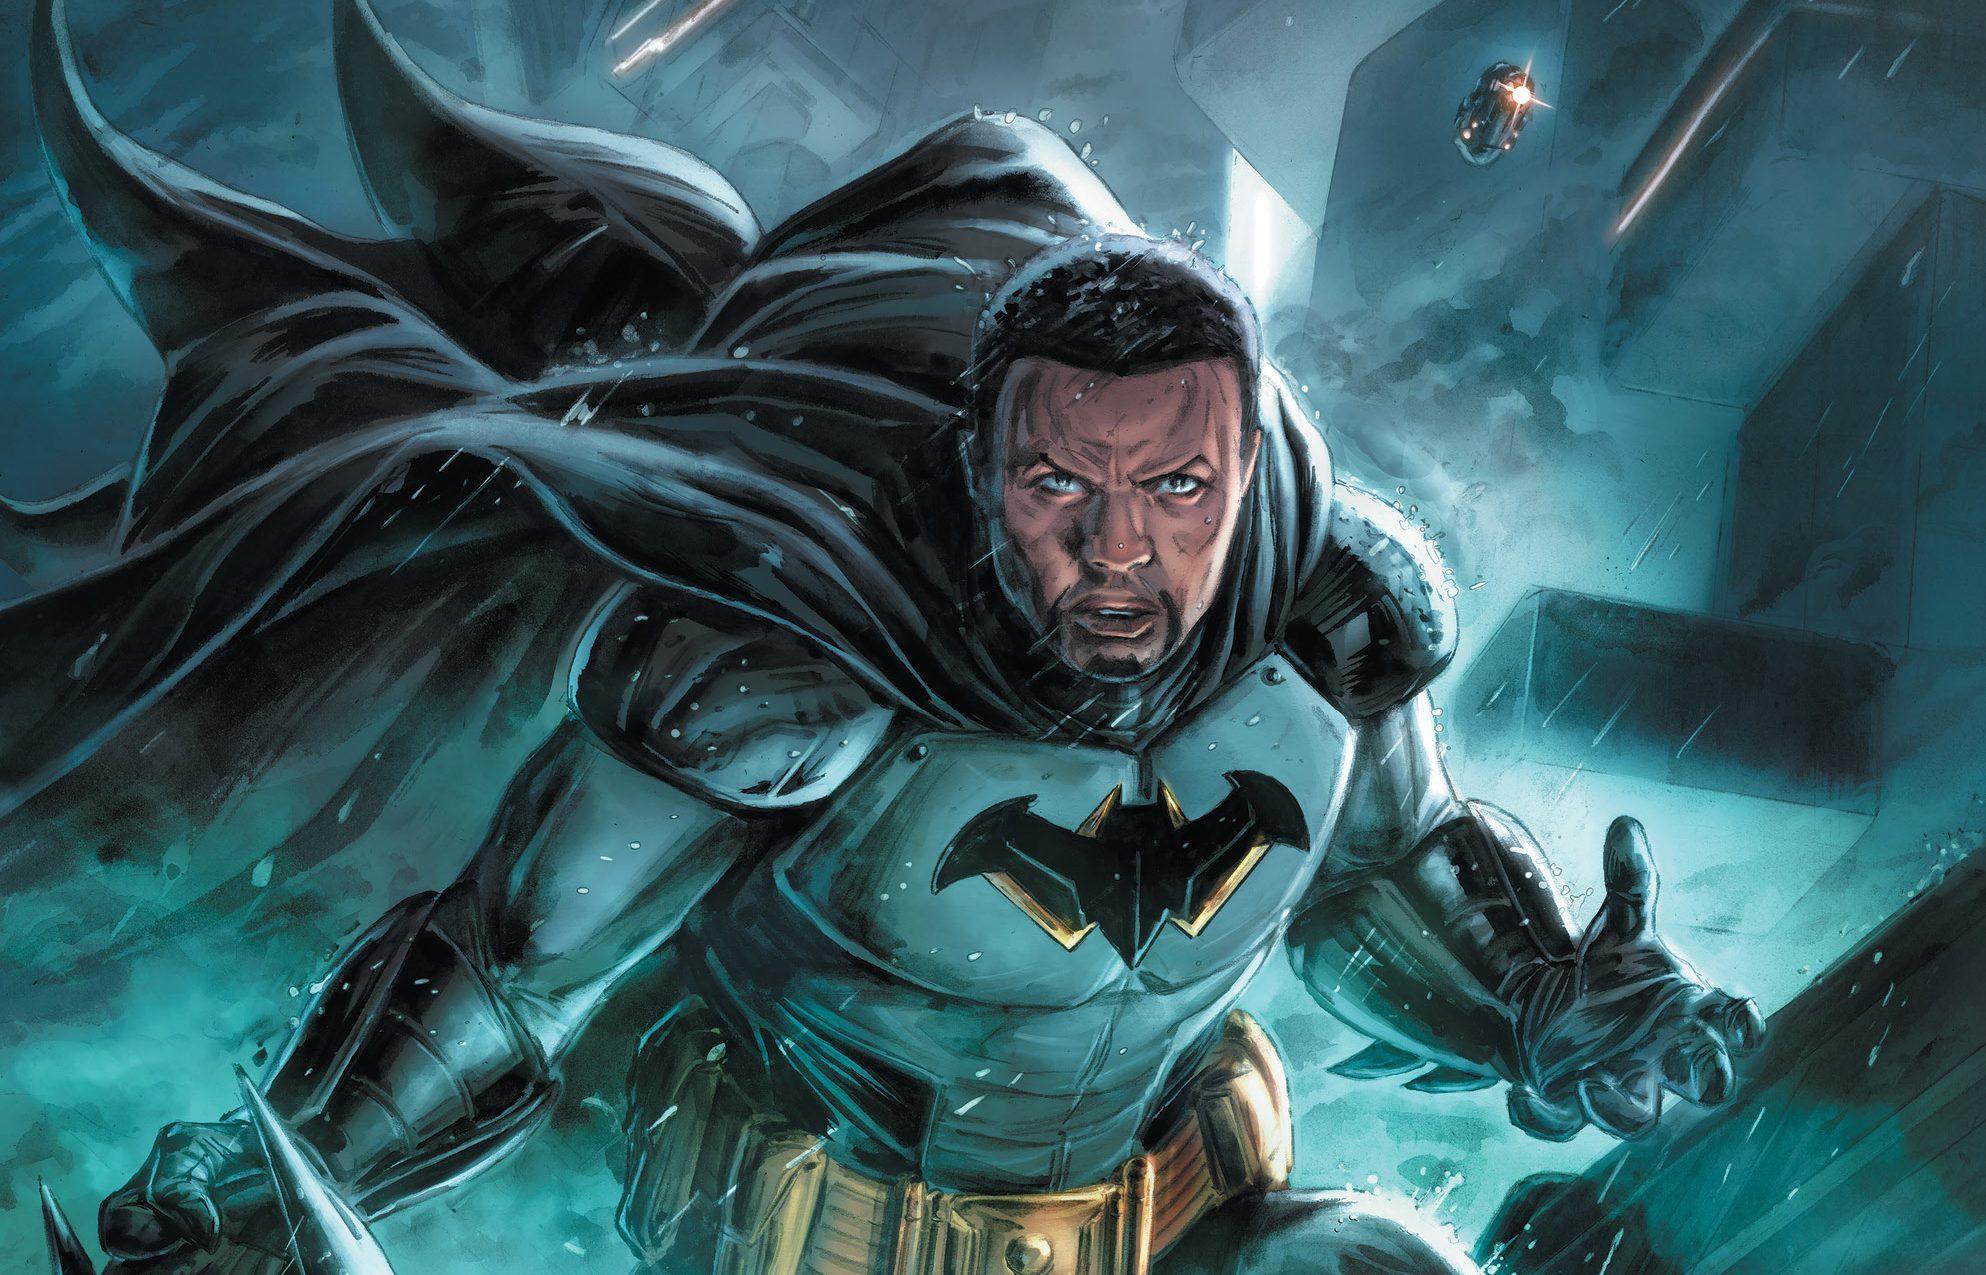 Następny komiksowy Batman będzie czarnoskóry